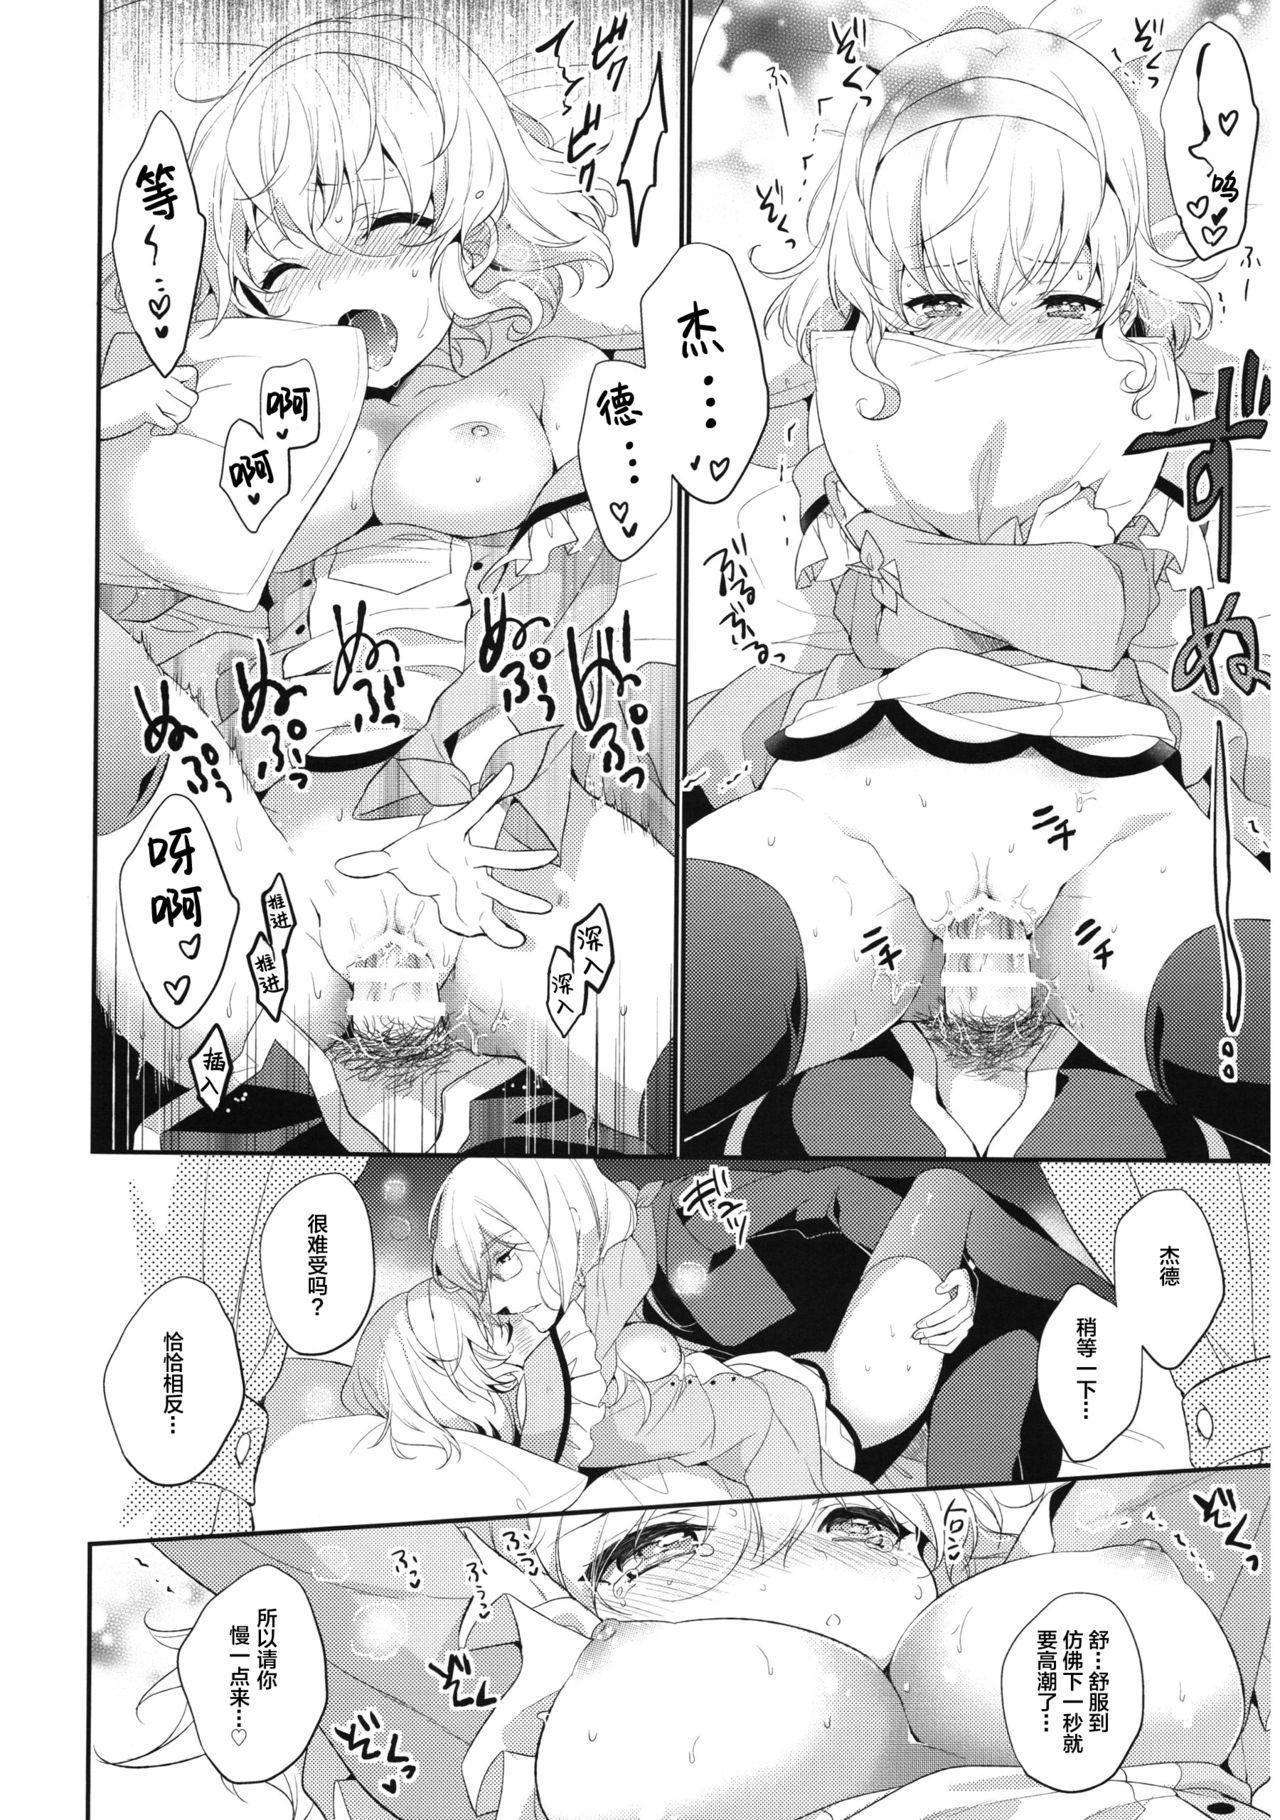 Special Secret Lady 14